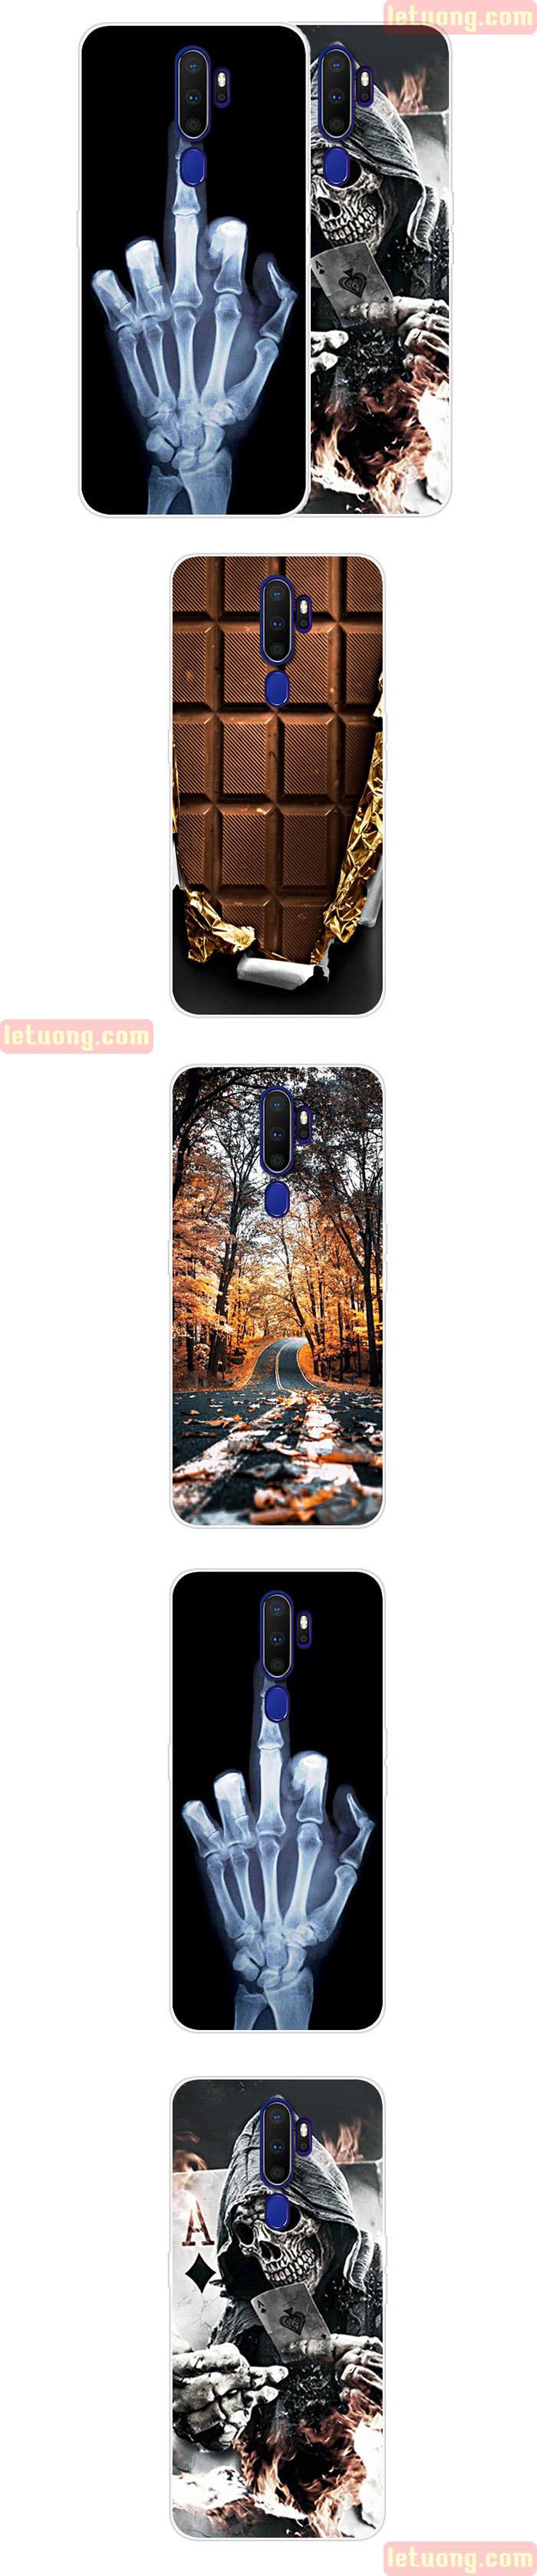 Ốp lưng Oppo A9 2020 LT TPU Case in hình 3D đẹp mắt, độc đáo 1